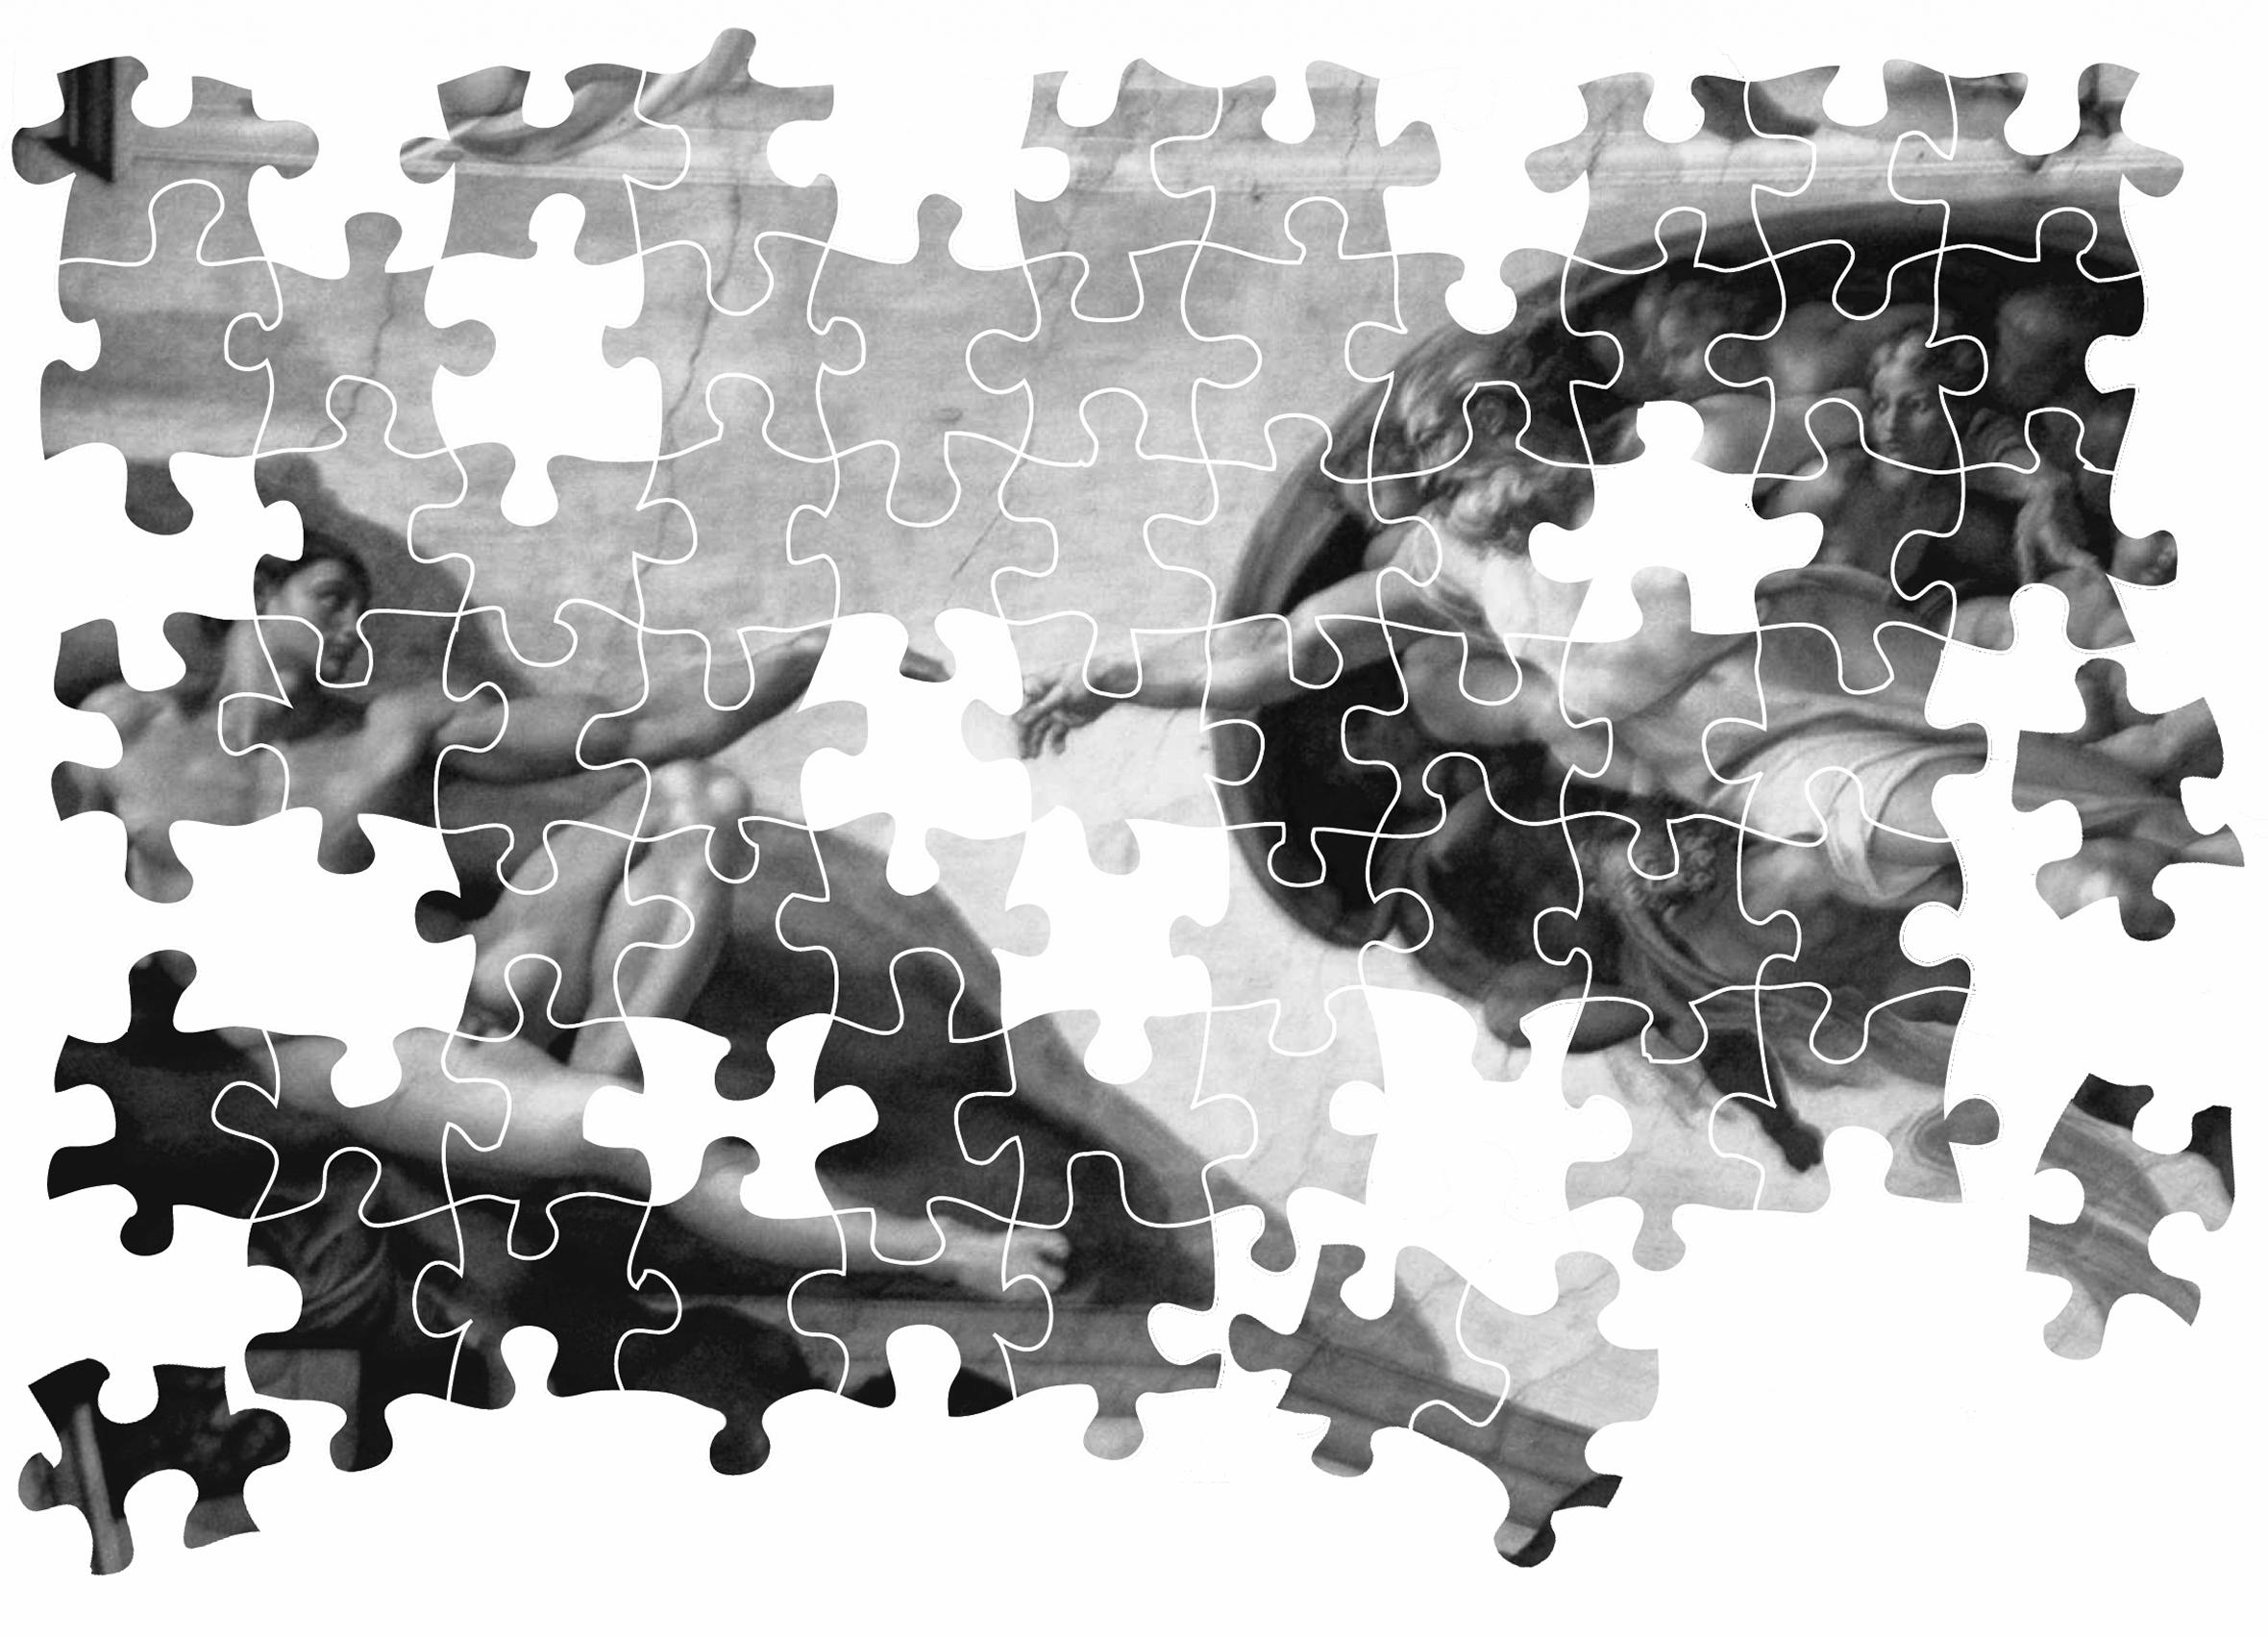 354 - Puzzle 1 - Orange